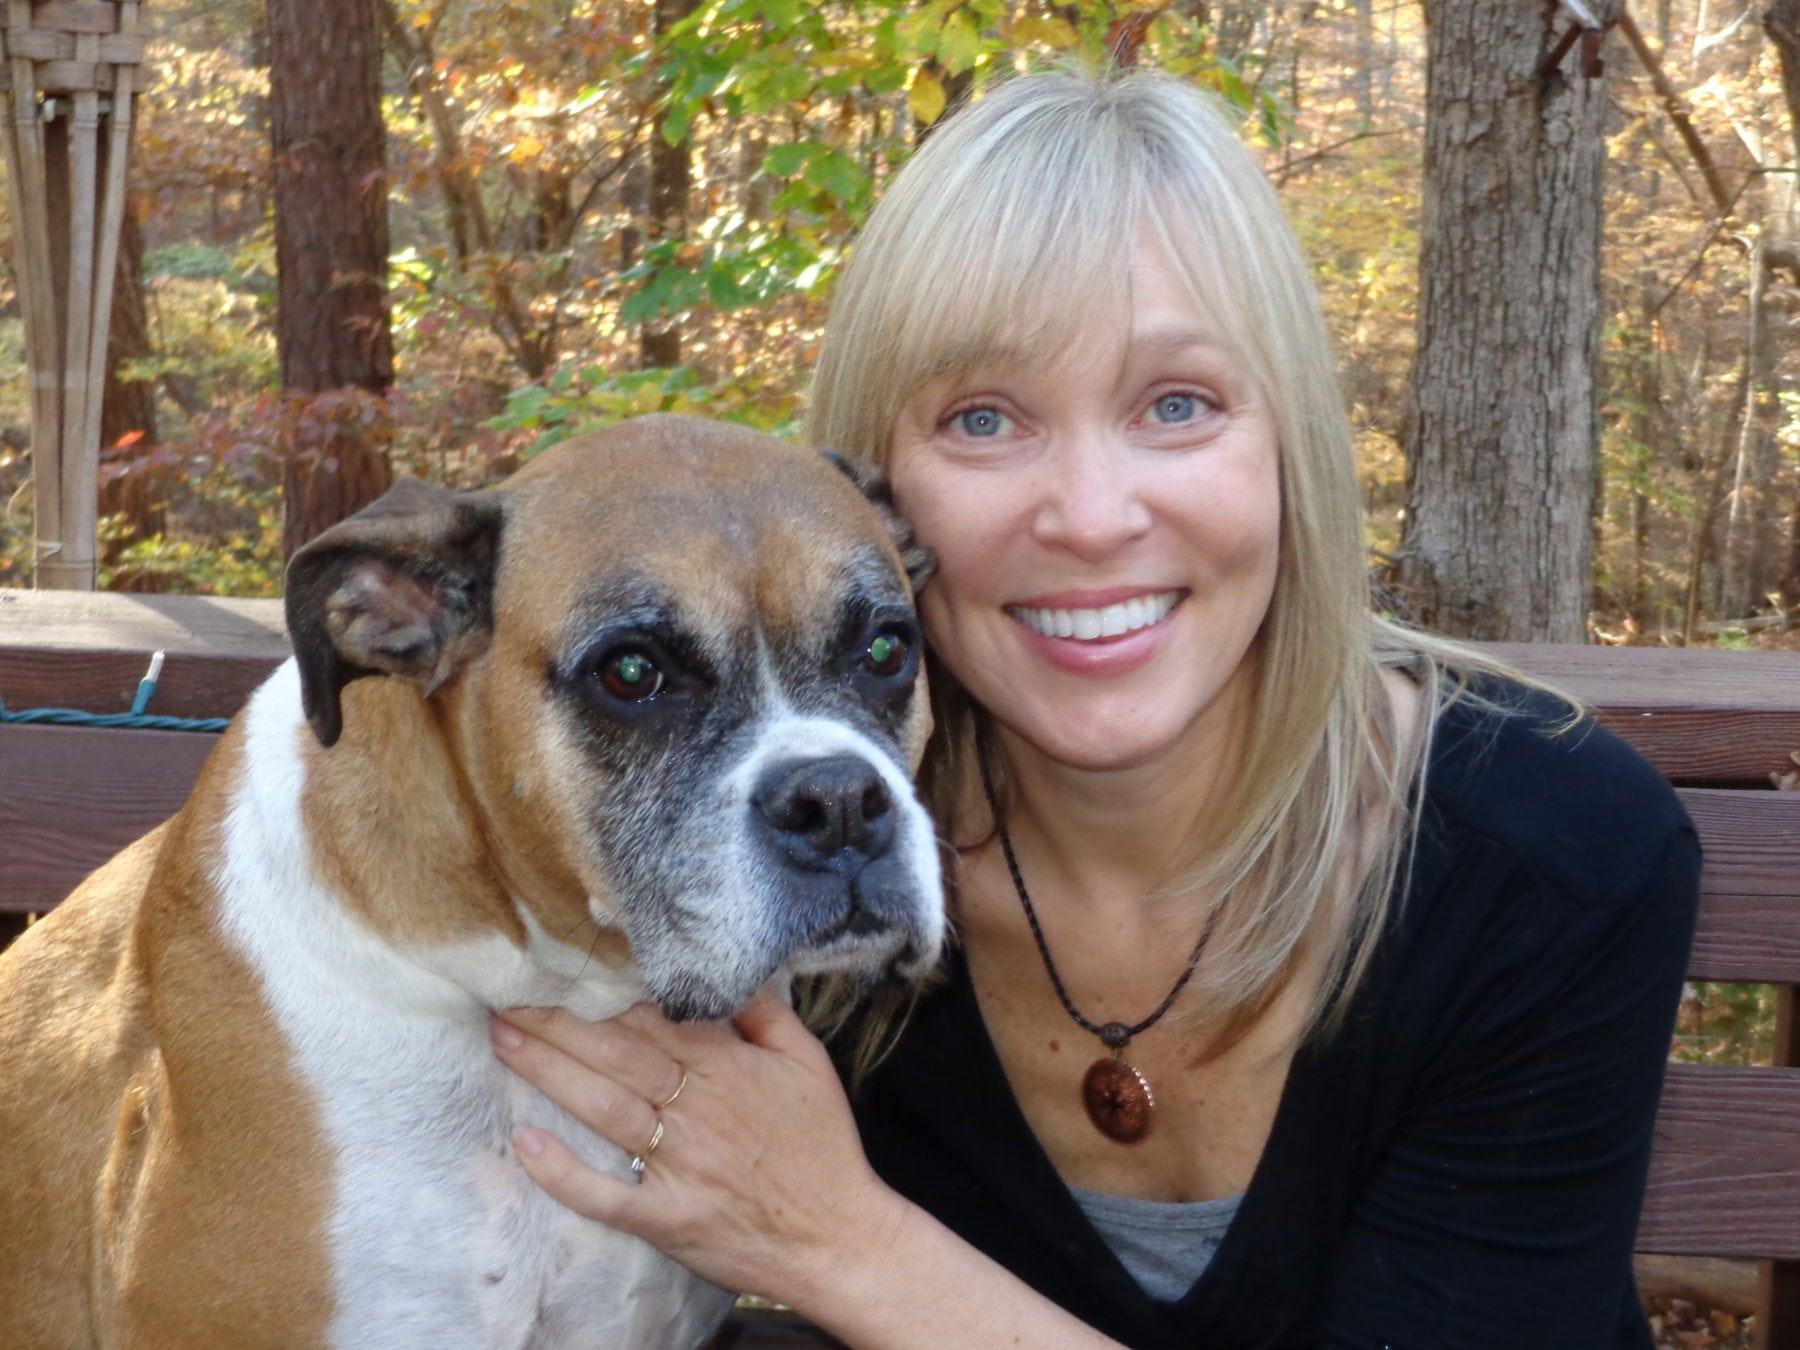 <strong>Nancy Carlson - Holly Springs, North Carolina</strong>